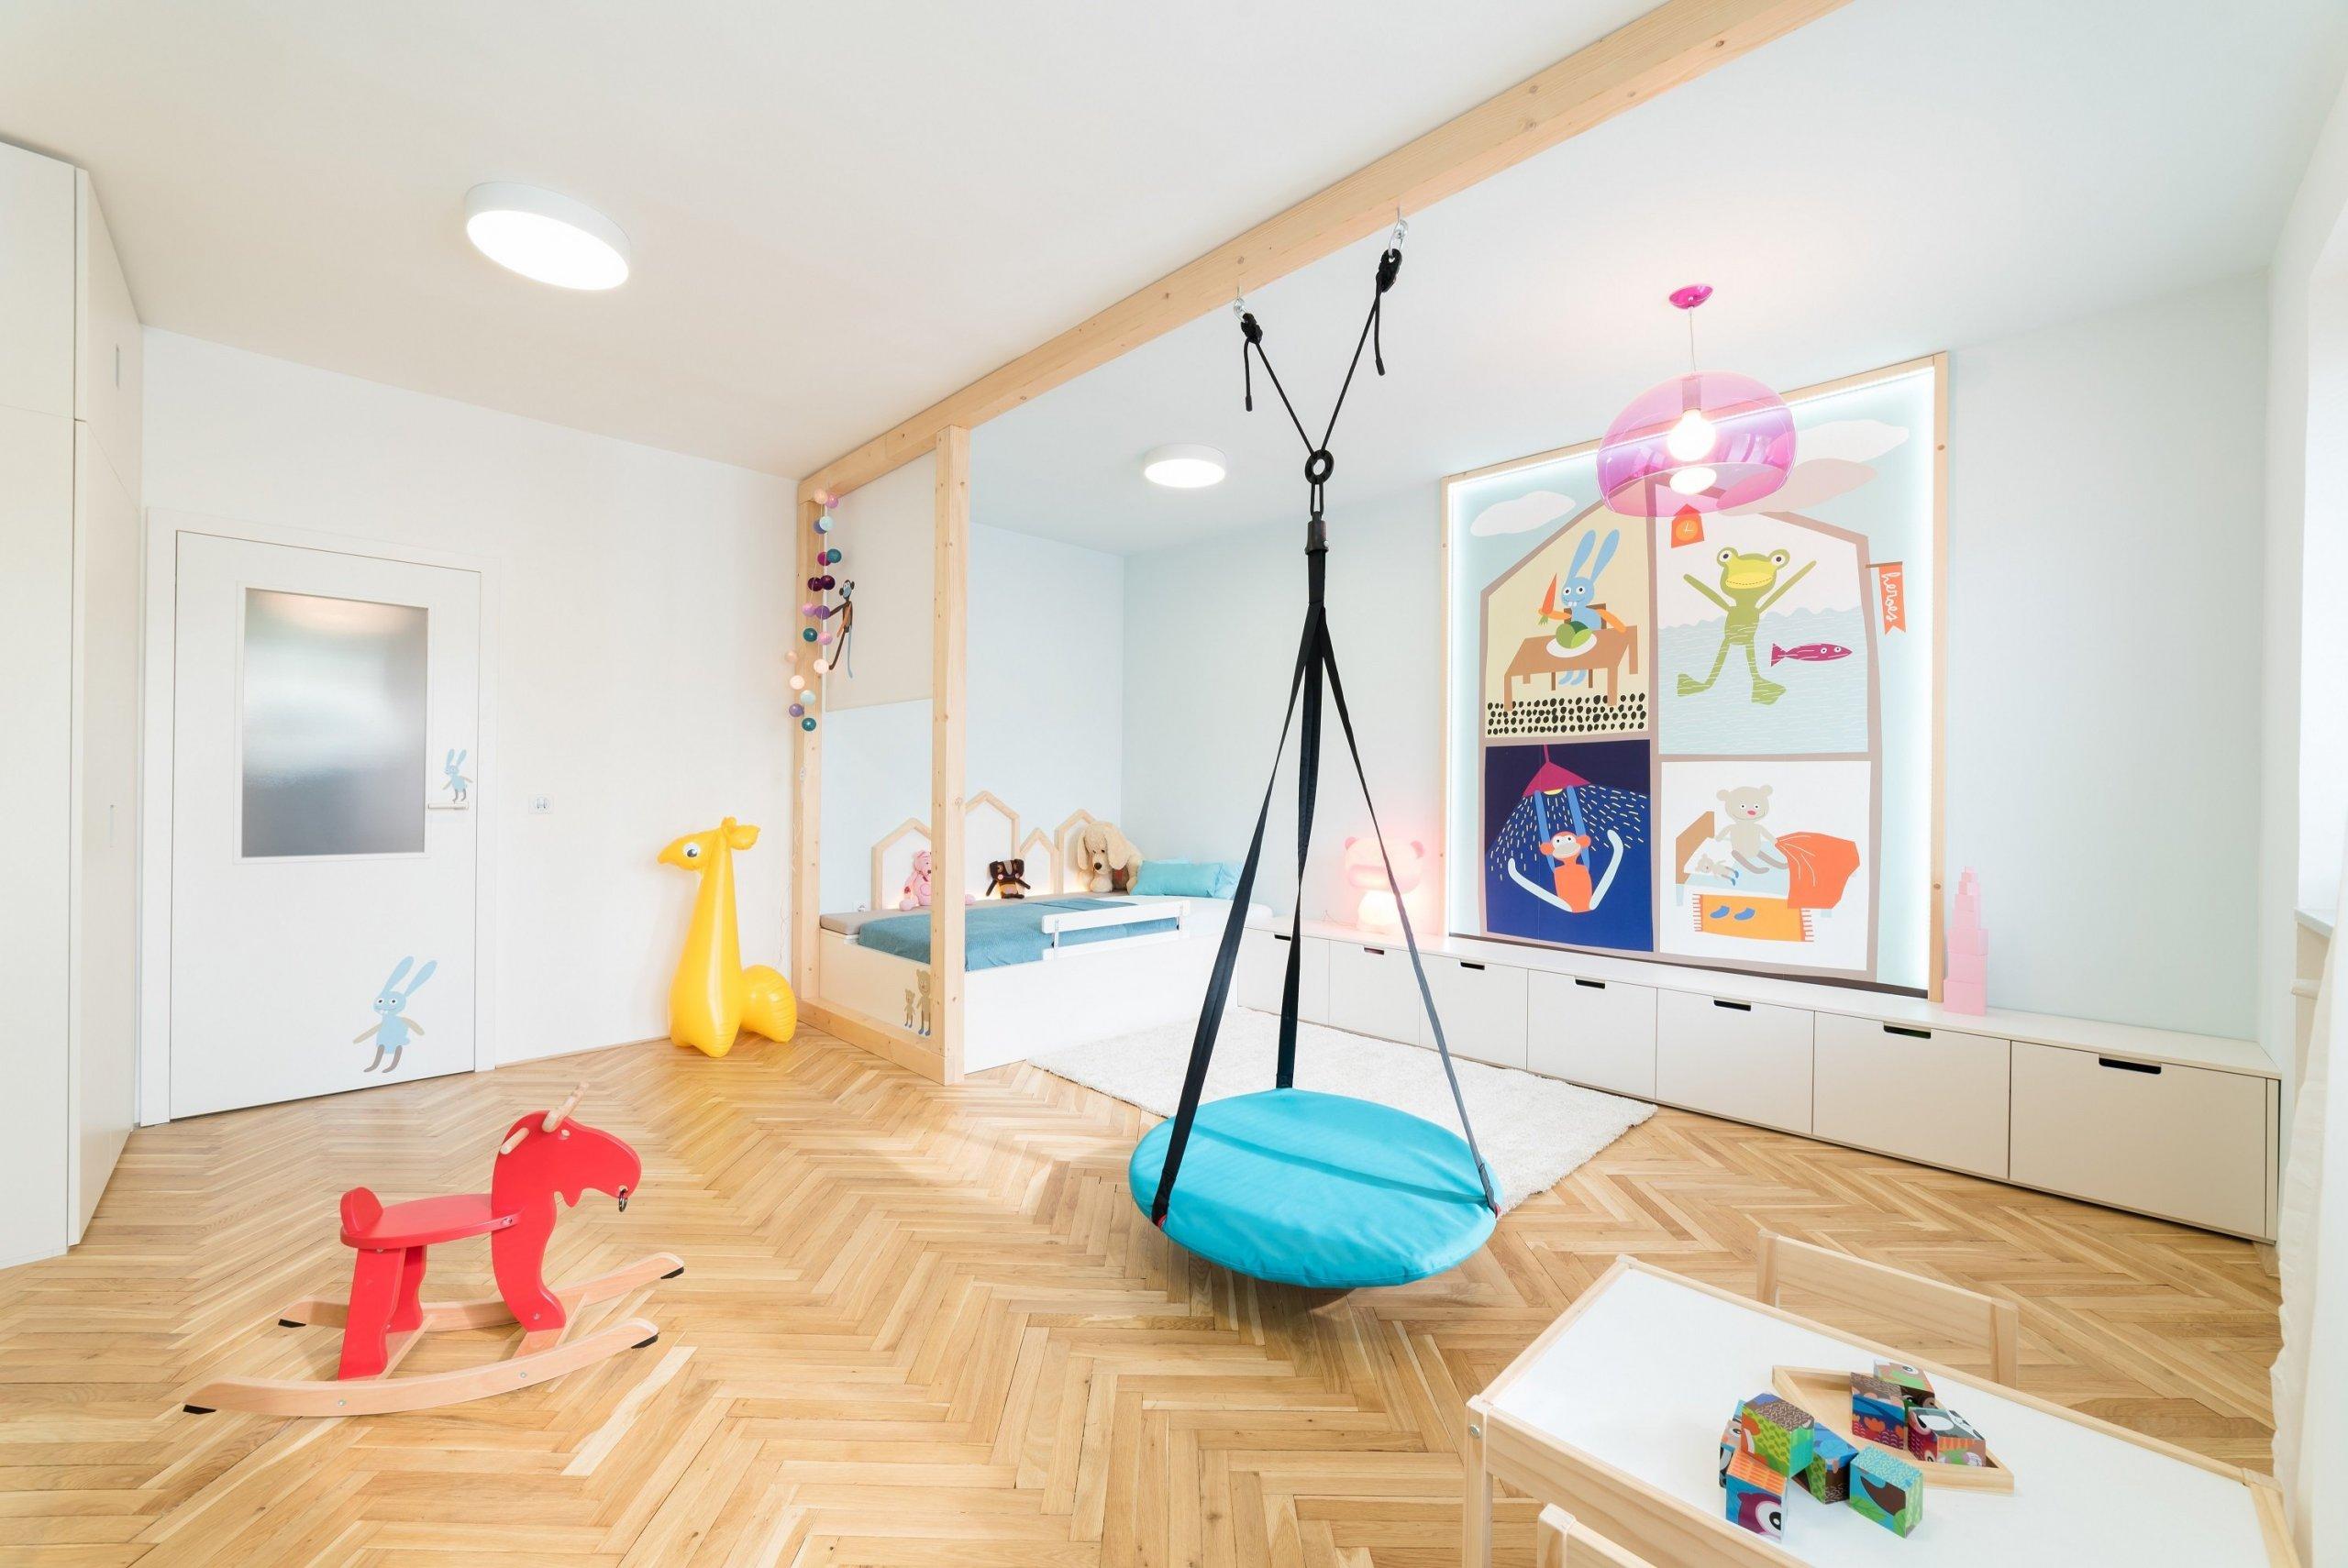 Prostrorný dětský pokoj byl navržen jako rostoucí, veškerý nábytek je zatím pro dítě ve školcesituován u podlahy, postupem času lze doplnit nástěnné…